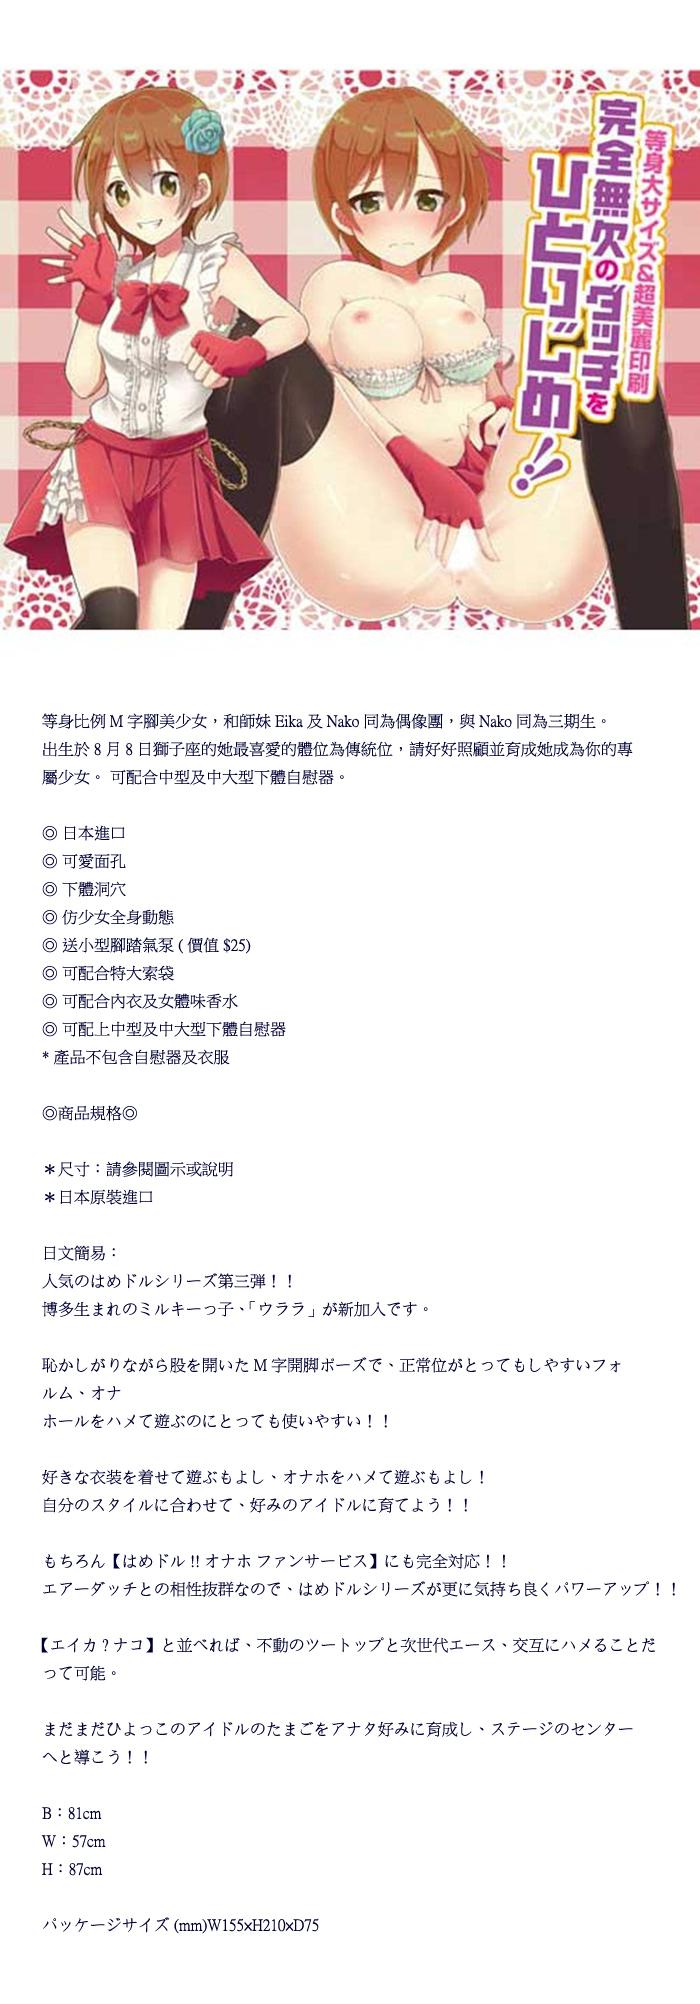 日本A-one*秋葉原制服偶像育成計劃03 充氣娃娃 星月麗